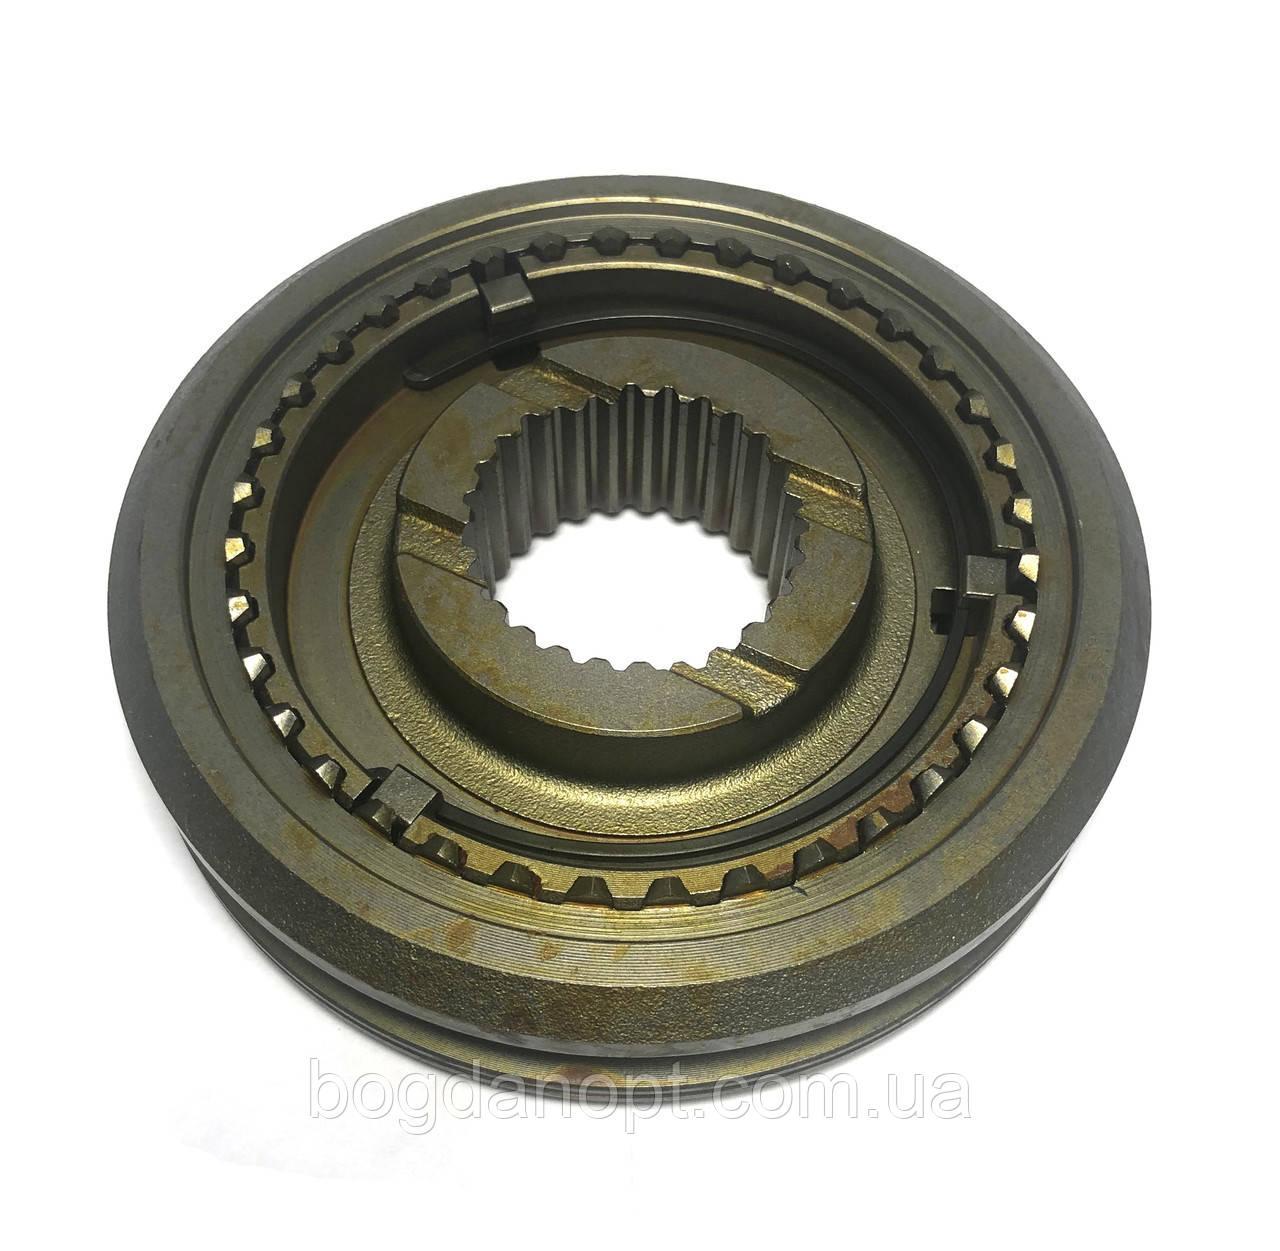 Синхронизатор КПП 4-5 передачи ISUZU, БОГДАН Е-1 MXA5R 21шлиц. 8970348411